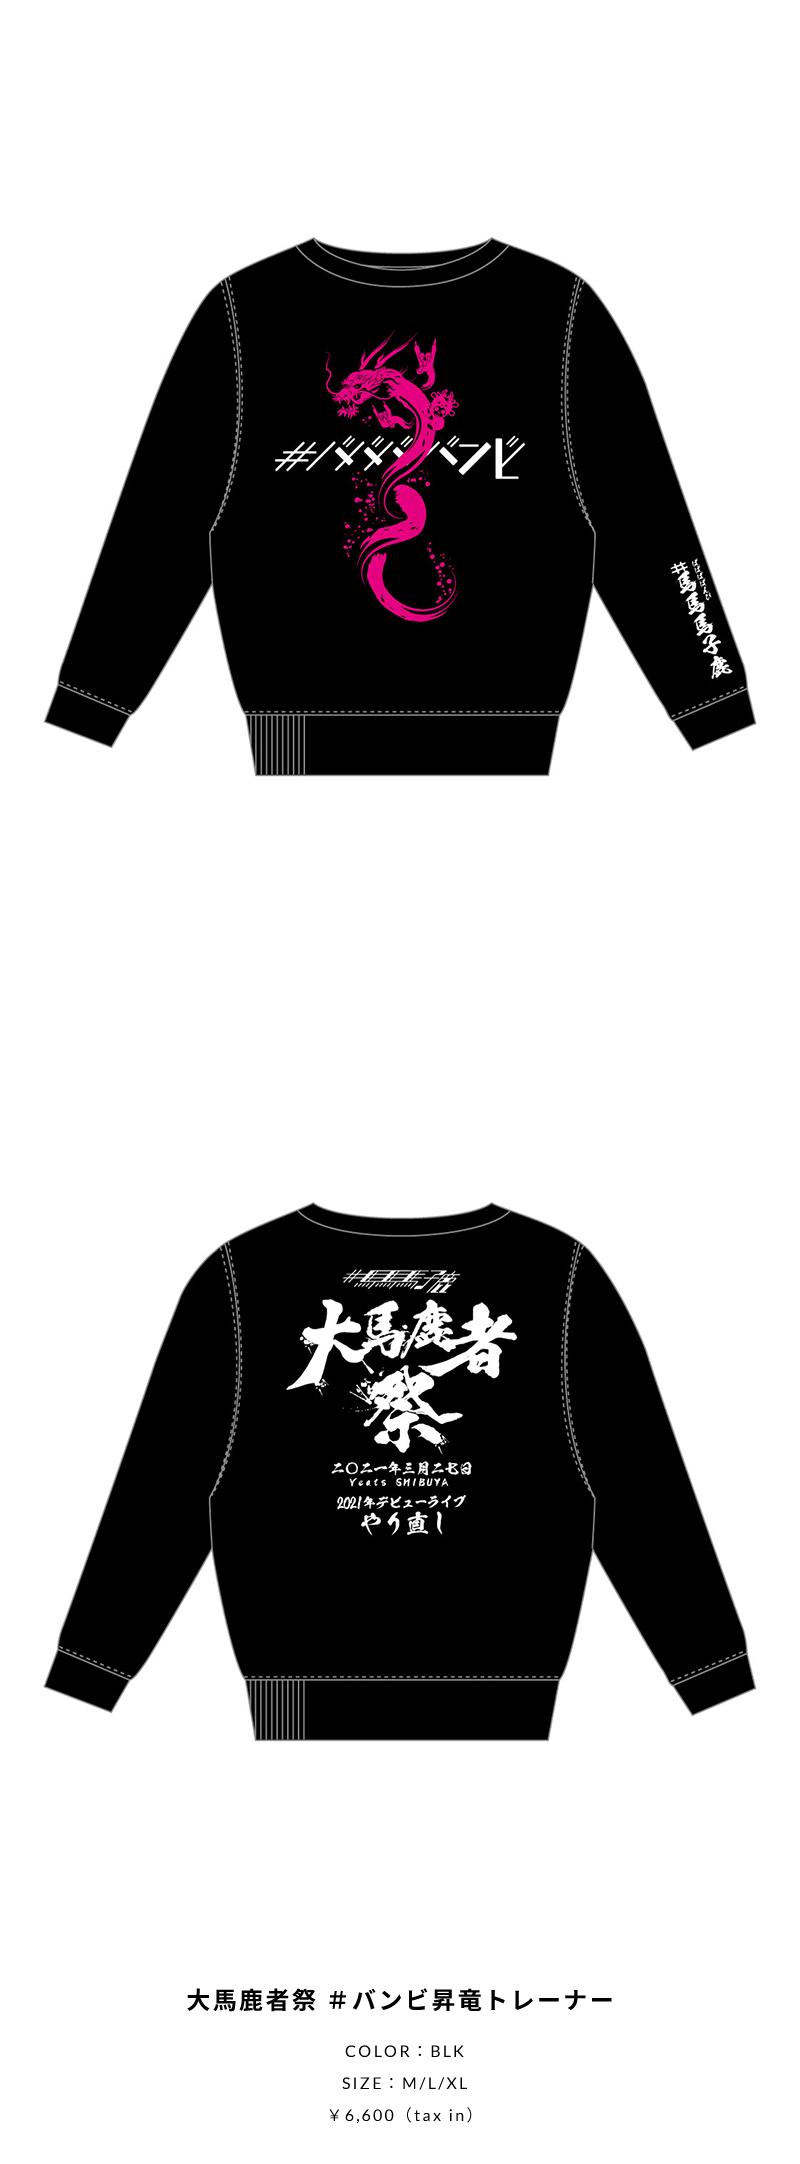 大馬鹿者祭 #バンビ昇竜トレーナー